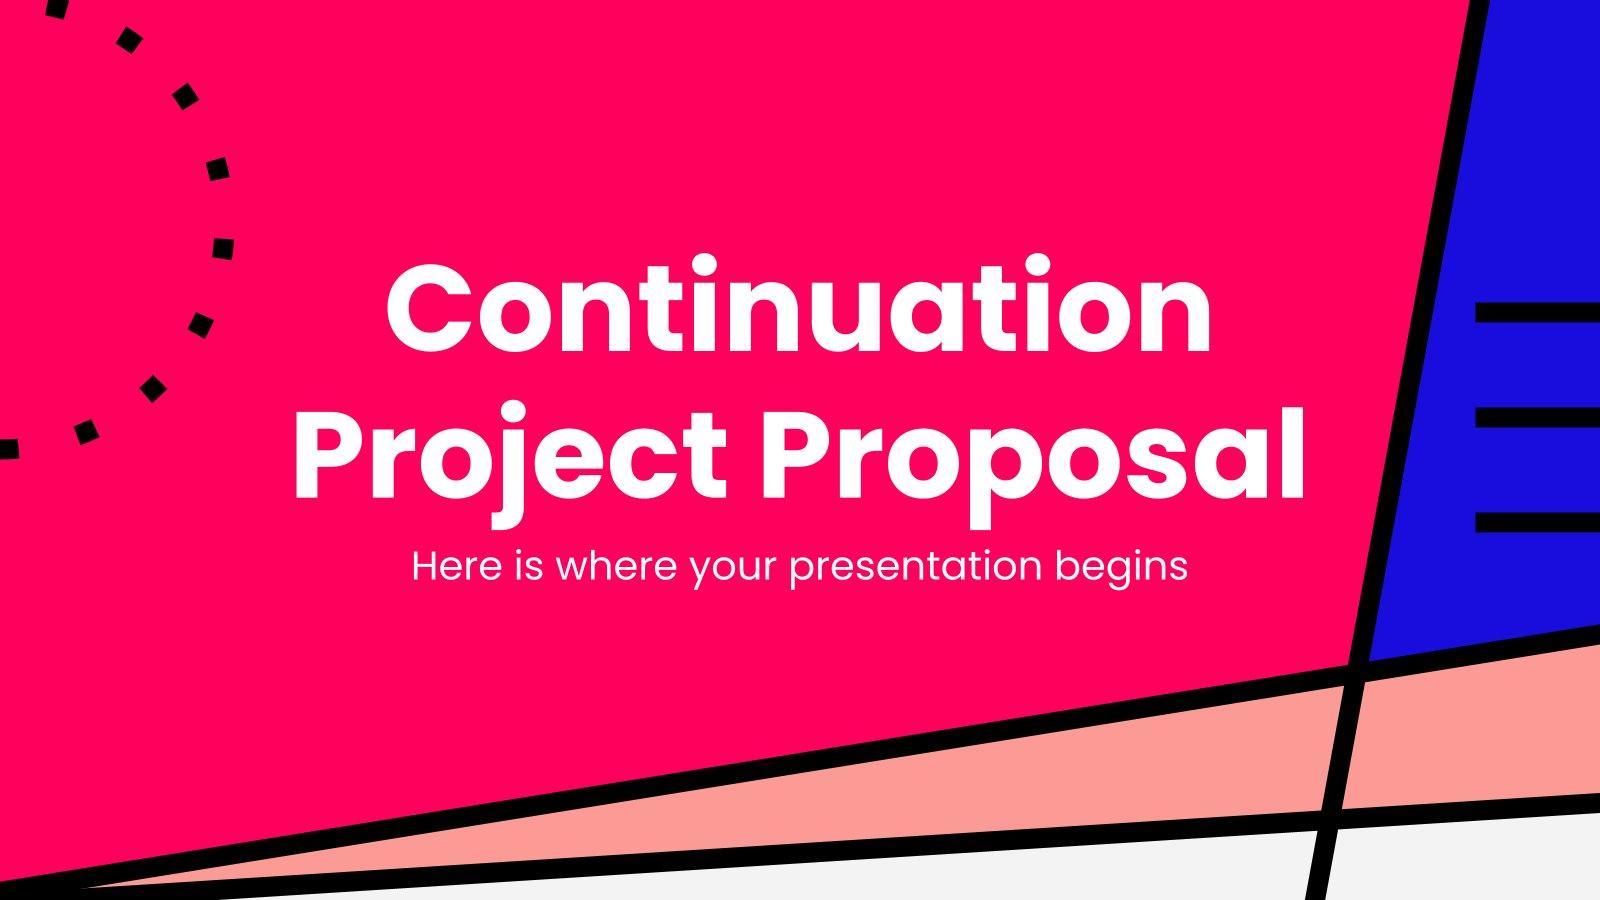 Vorschlag für ein Fortsetzungsprojekt Präsentationsvorlage